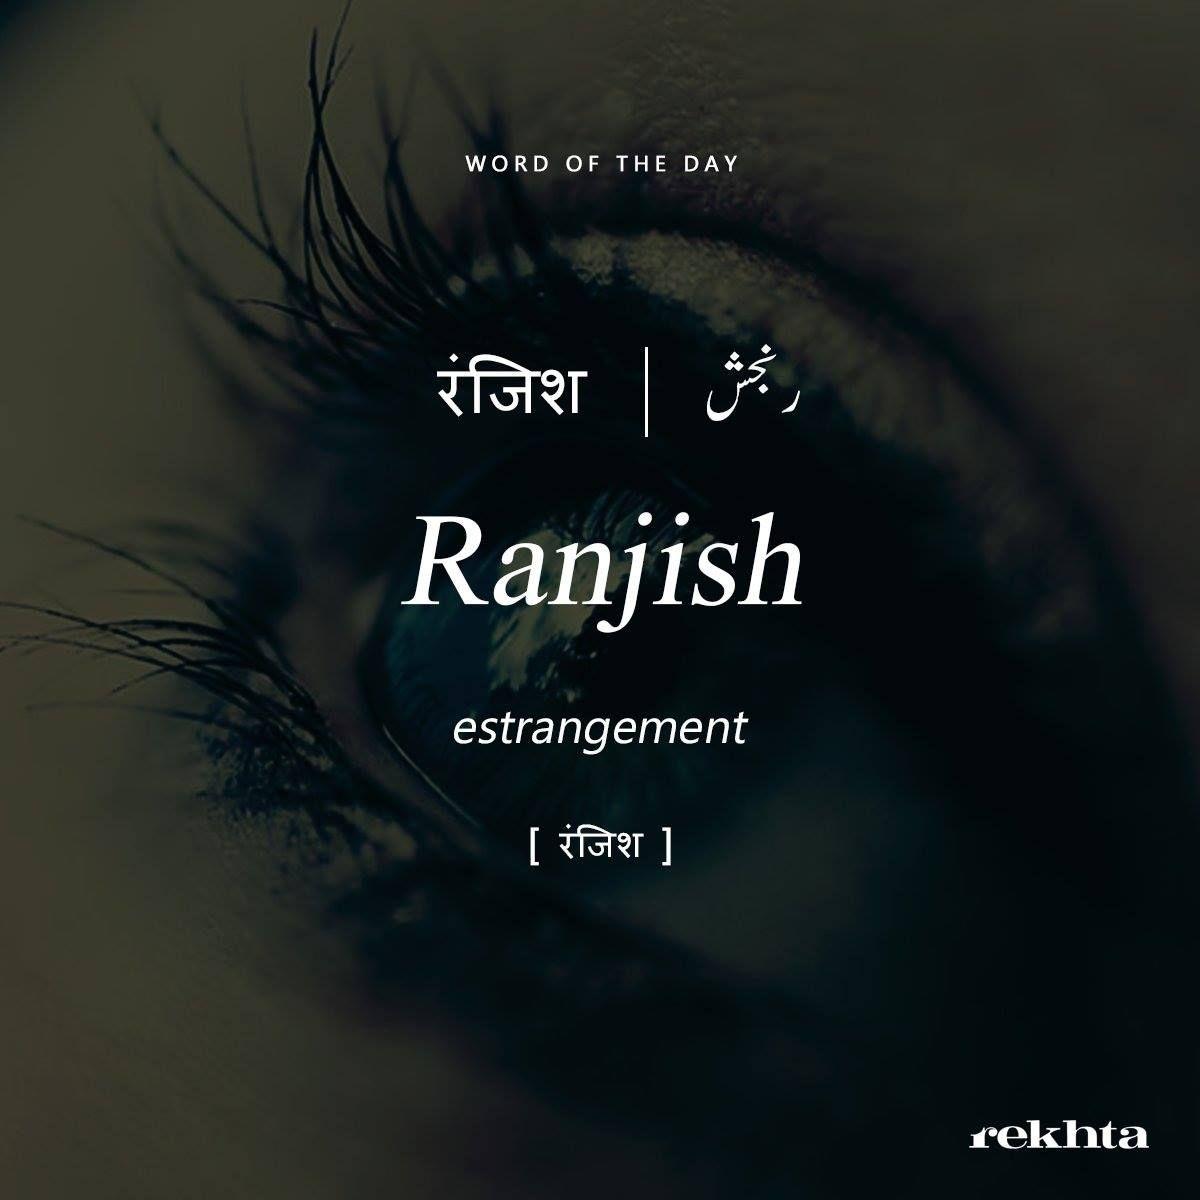 urdu WordOfTheDay Rekhta   Hindi words, Urdu love words ...